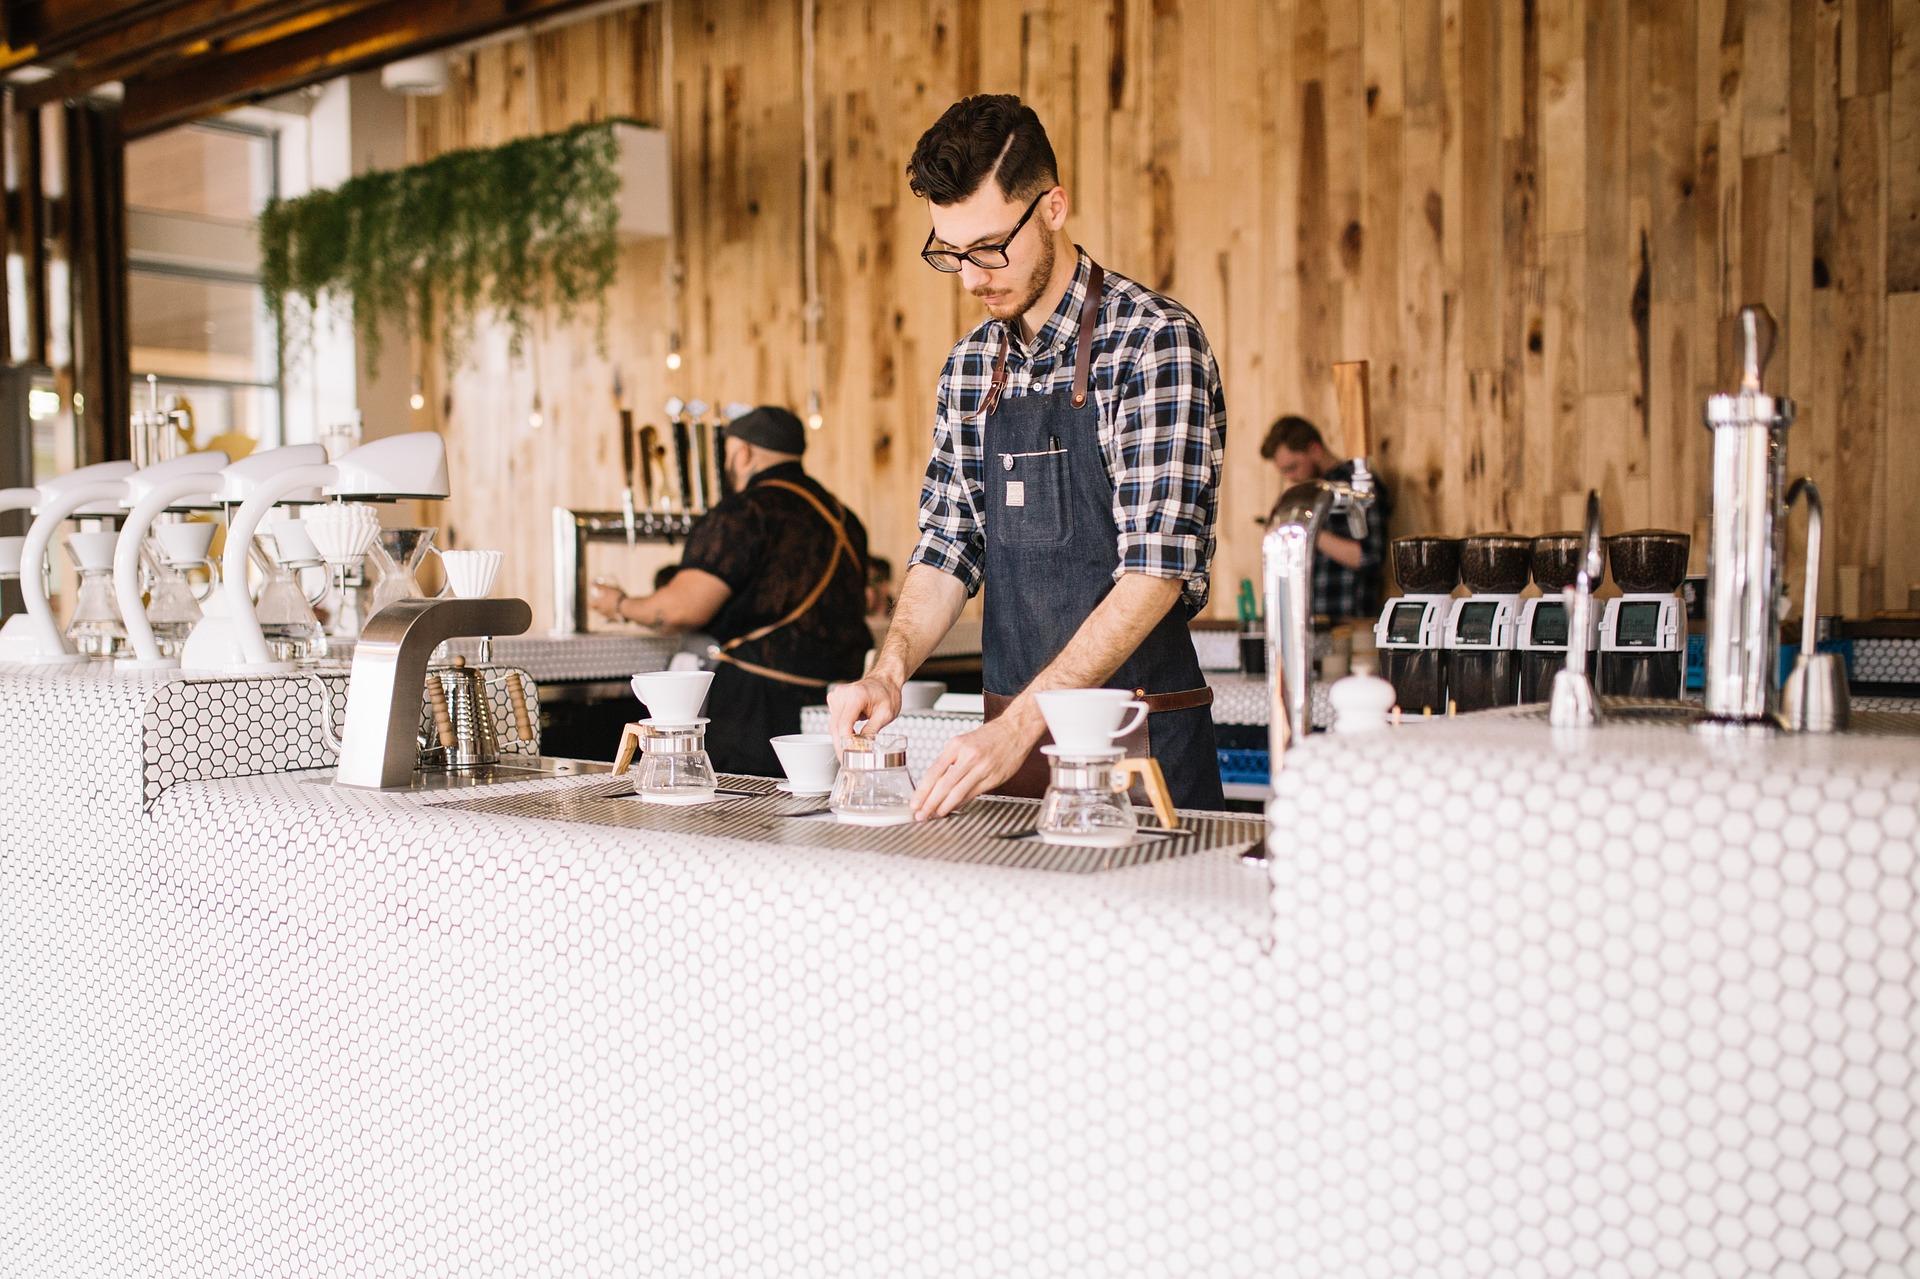 Welche persönlichen Merkmale sollte man haben um eine Bar zu eröffnen